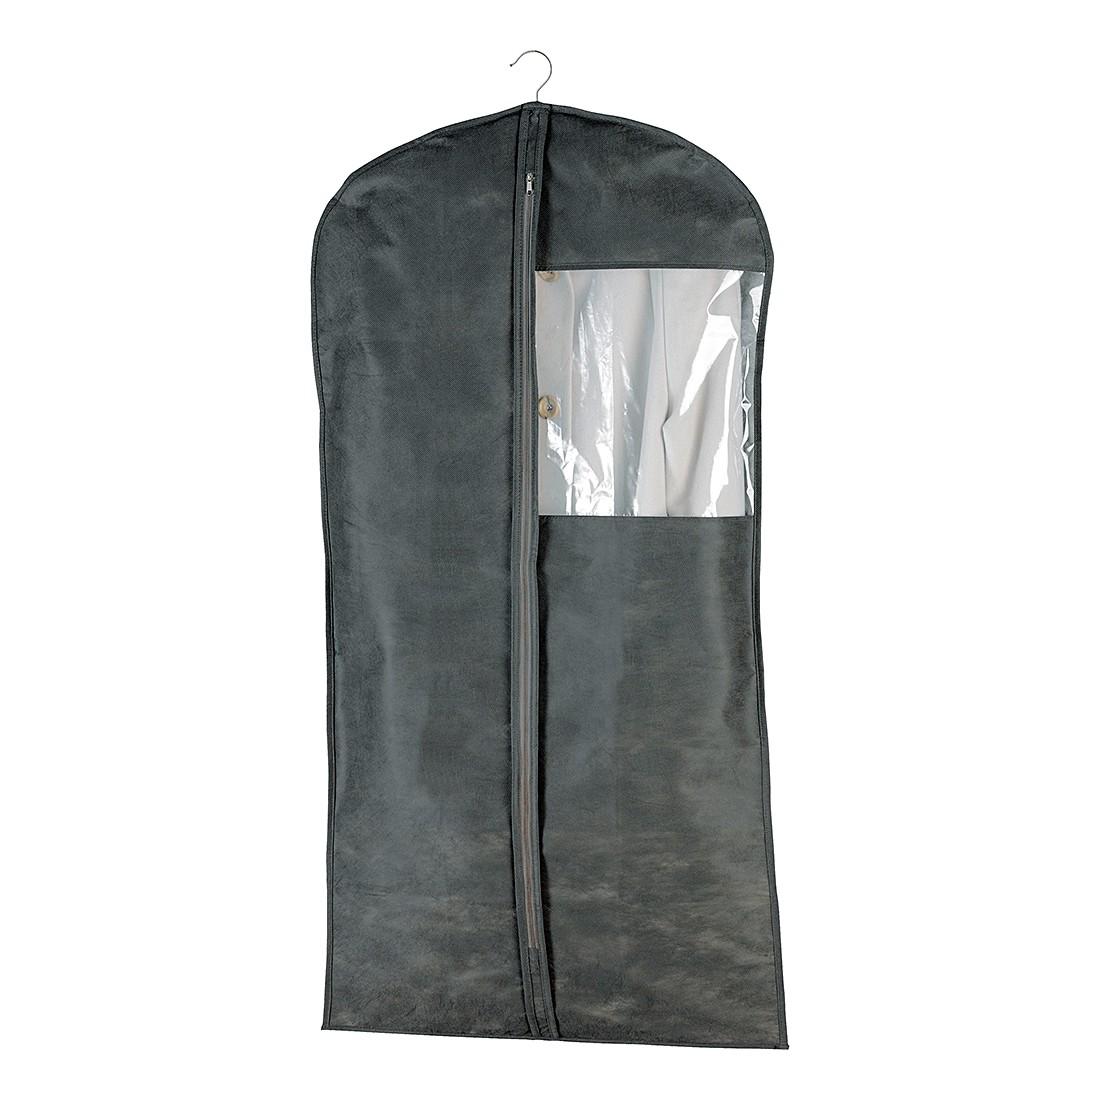 Kledinghoezen Libertà (5-delige set) - afmetingen: 150cm, Wenko